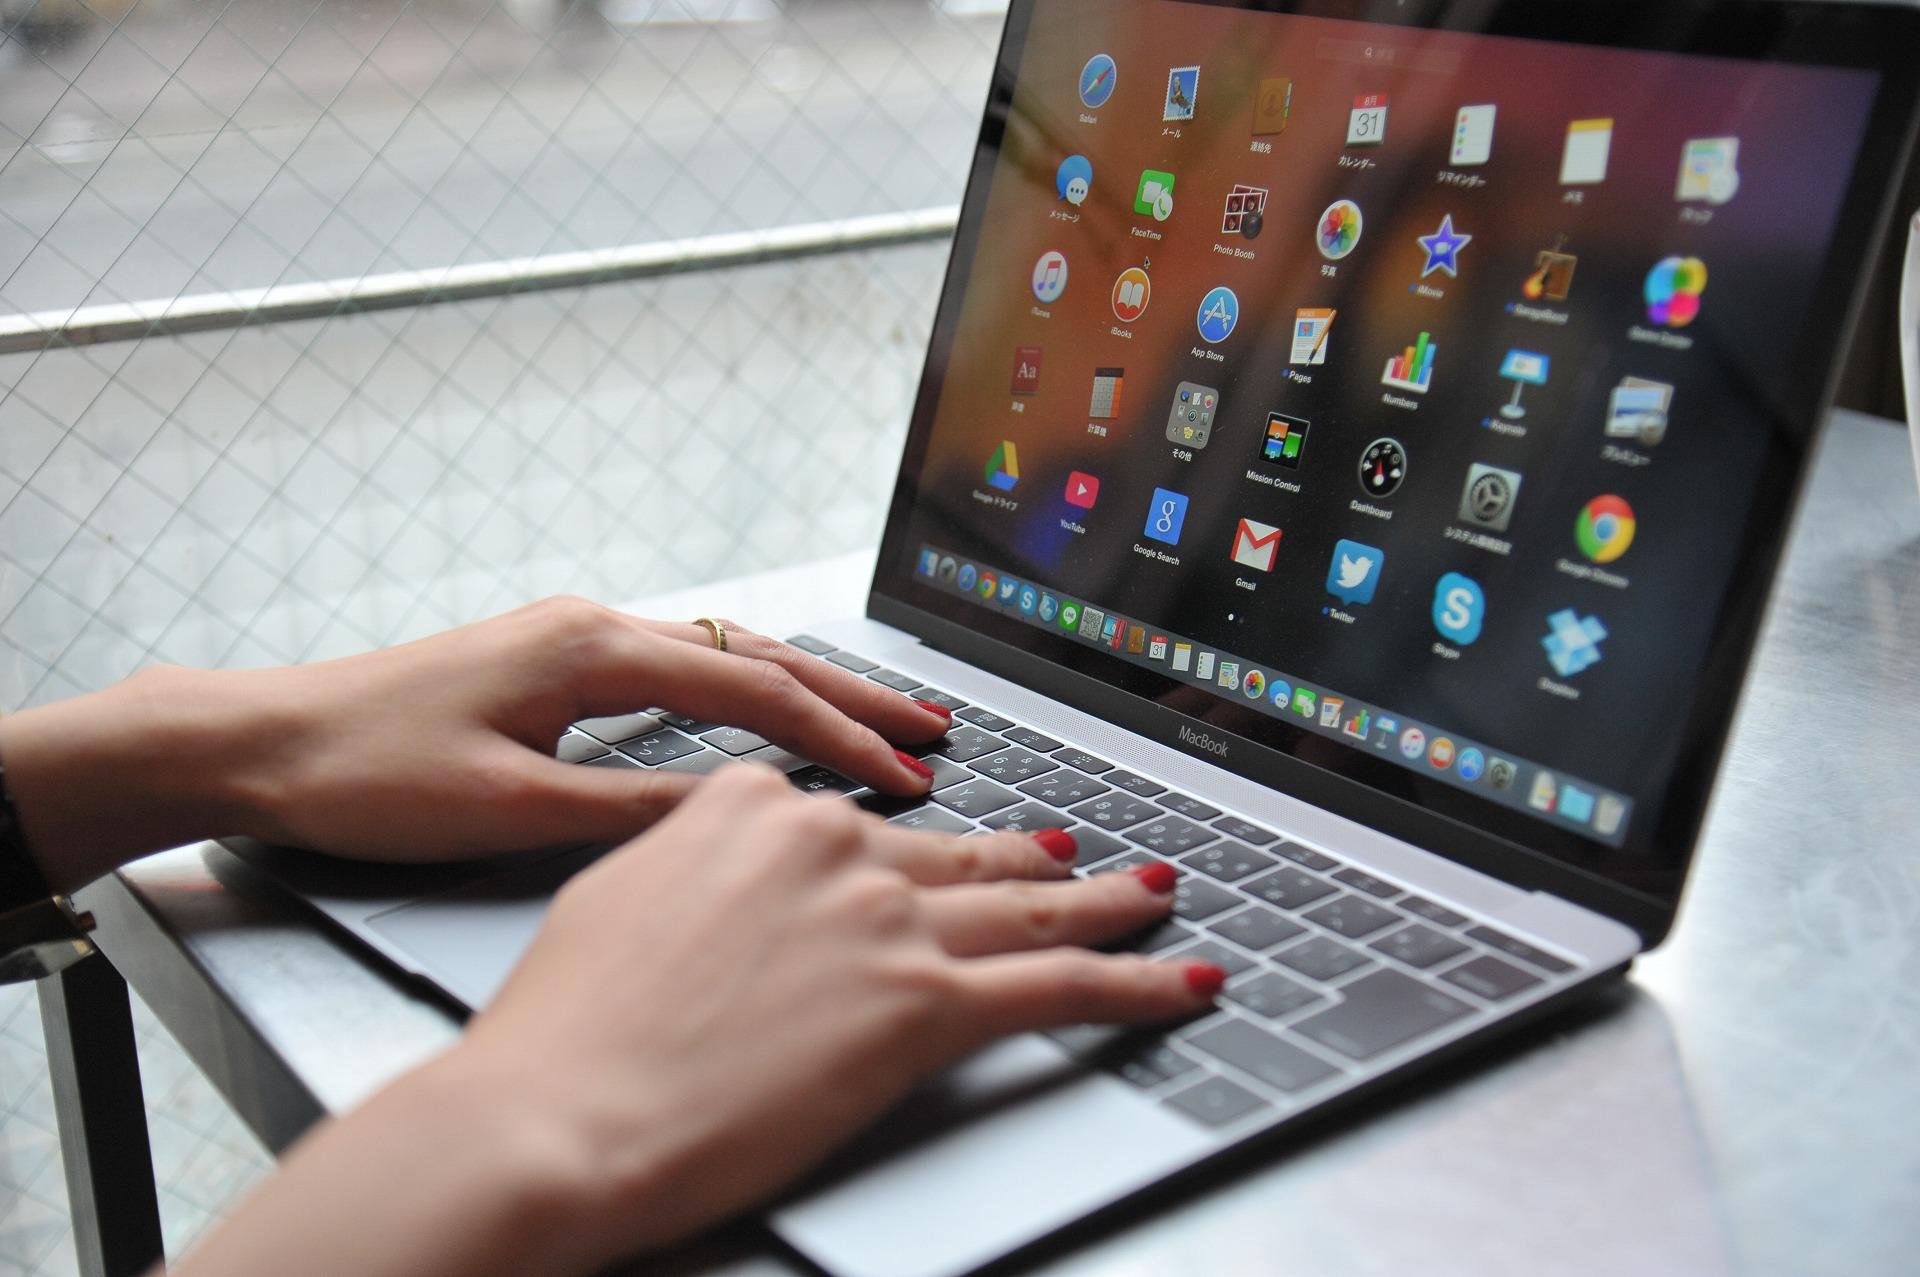 ノートパソコンで作業する赤いマニキュアの手